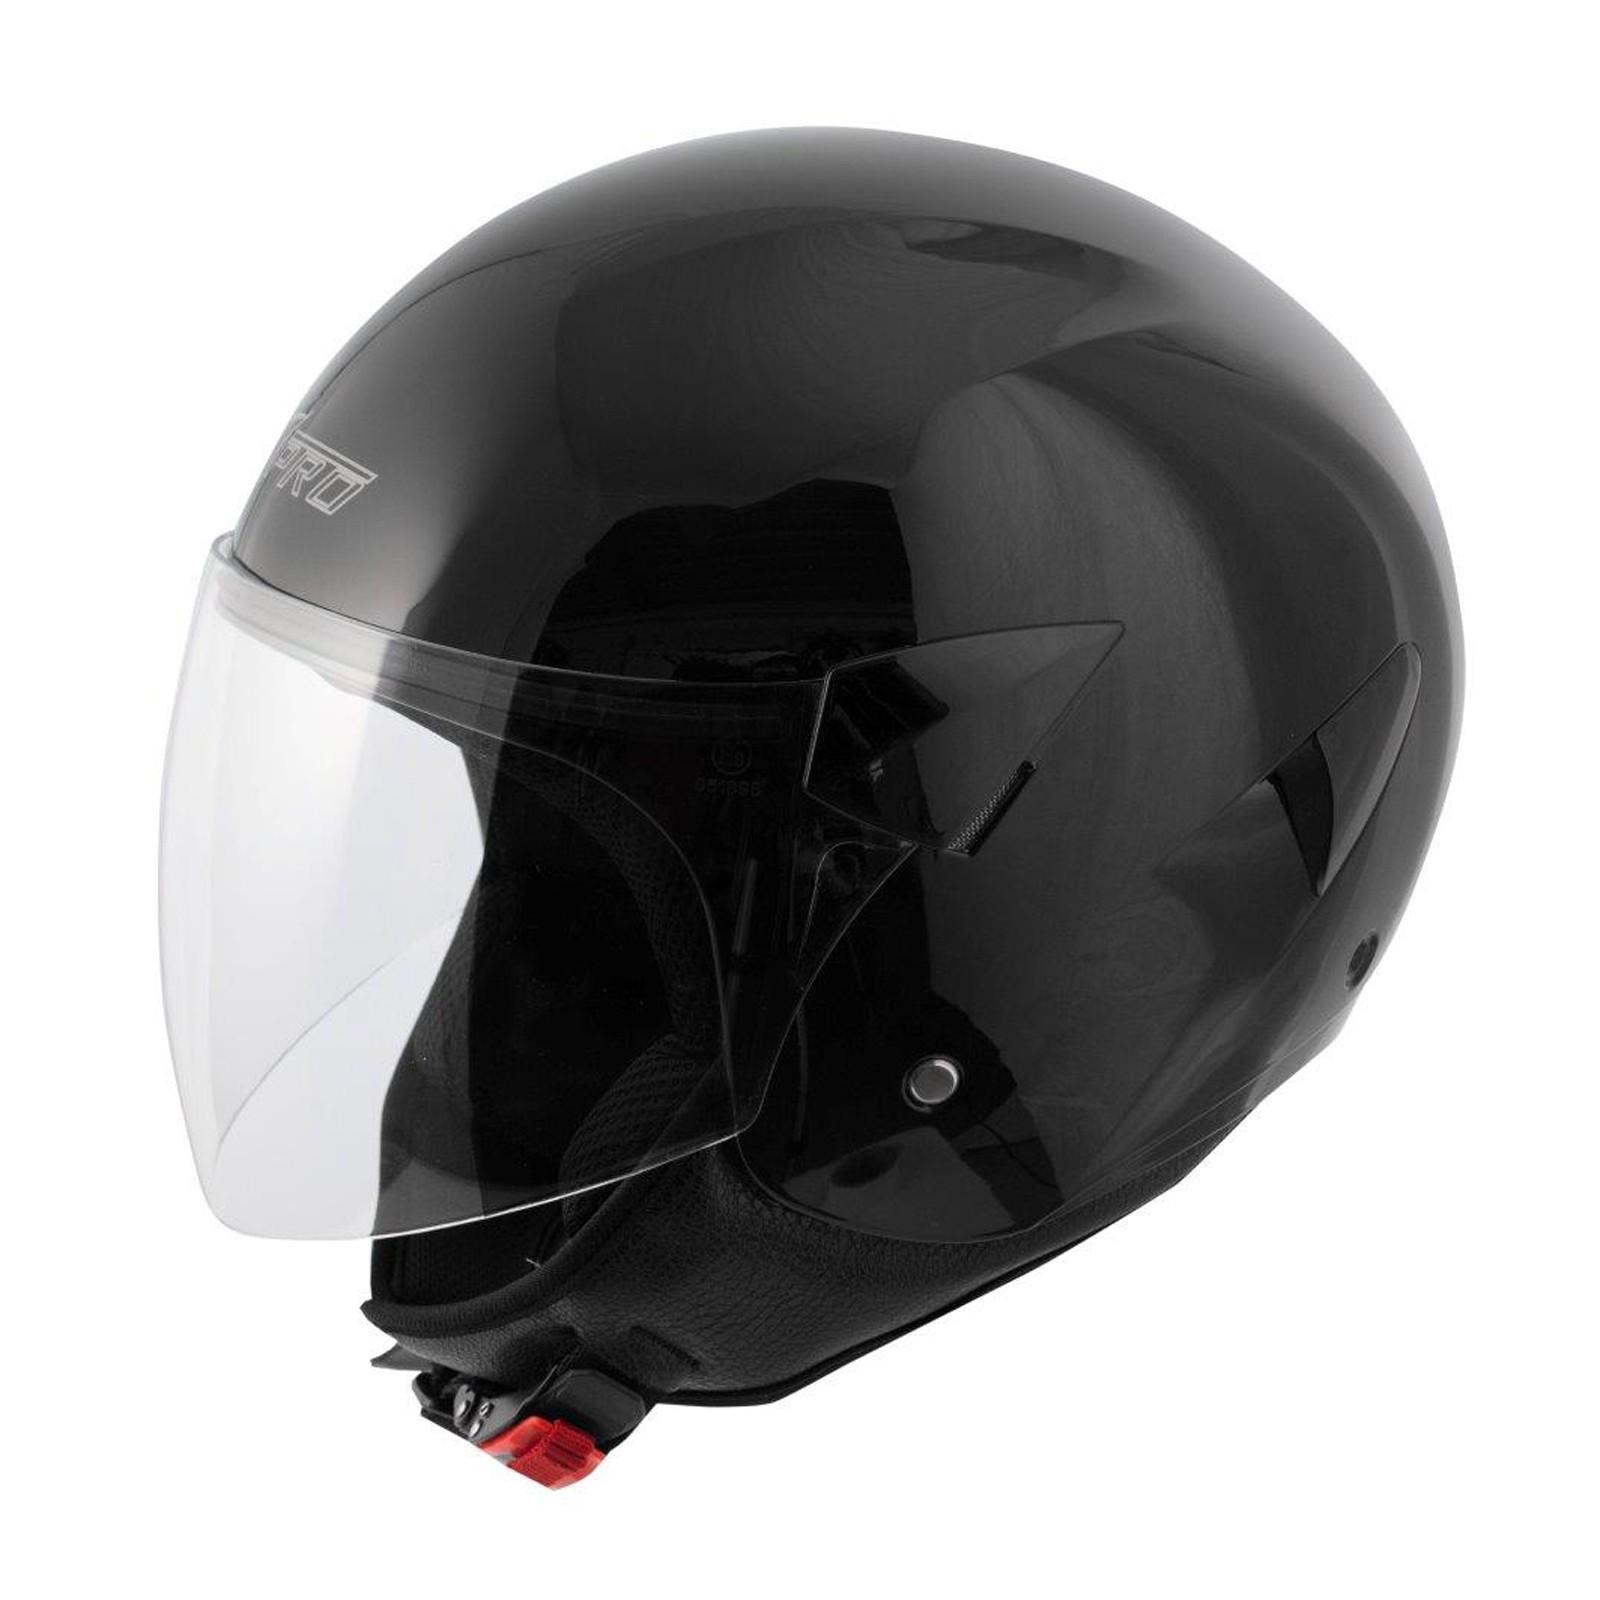 Casco Jet Scooter Moto Omologato ECE 22-05 Visiera Antigraffio Nero